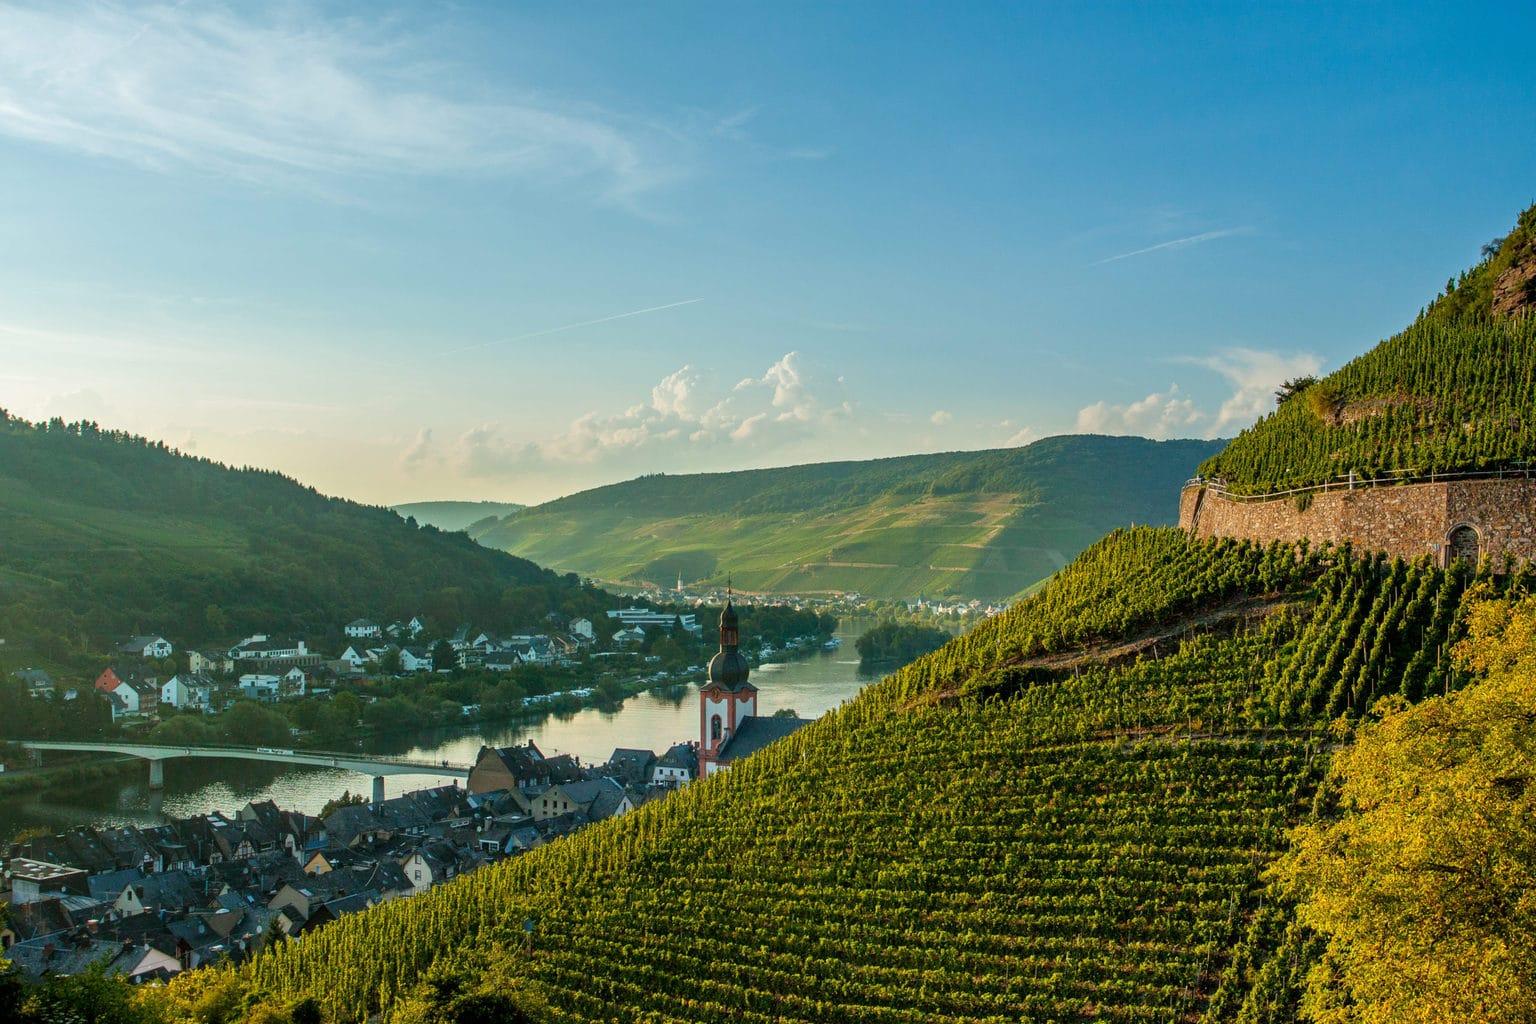 De wijnregio Zell Mosel is een van de attracties tijdens de Sterrenfietstochten in Duitsland